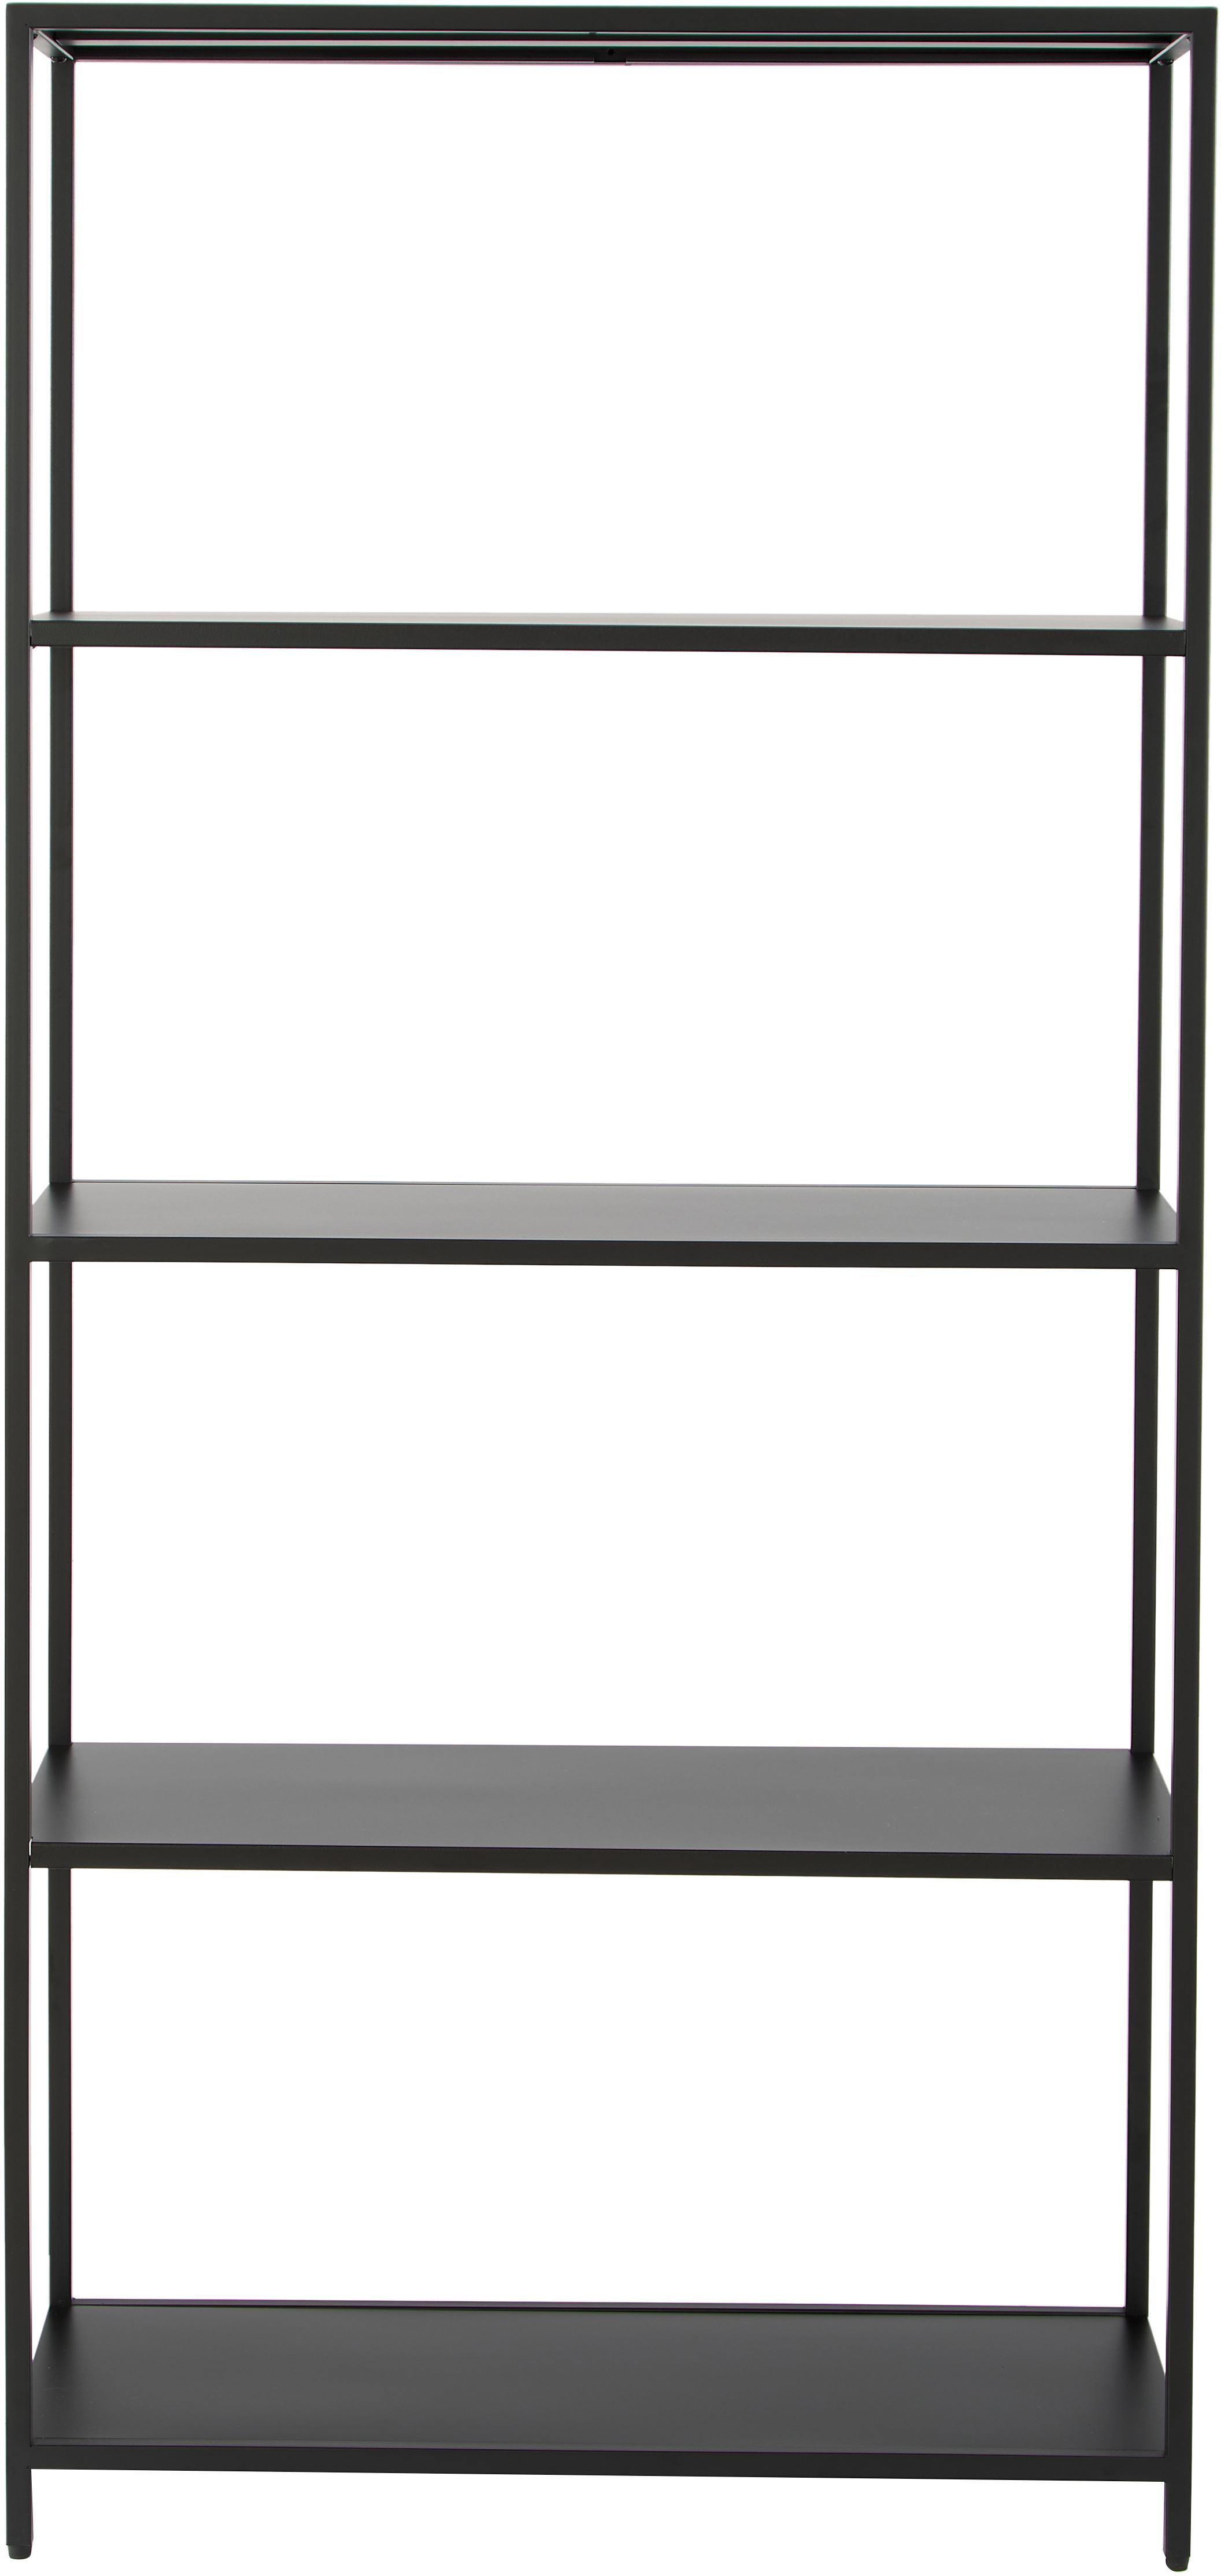 Metall-Regal Newton in Schwarz, Metall, pulverbeschichtet, Schwarz, 70 x 150 cm